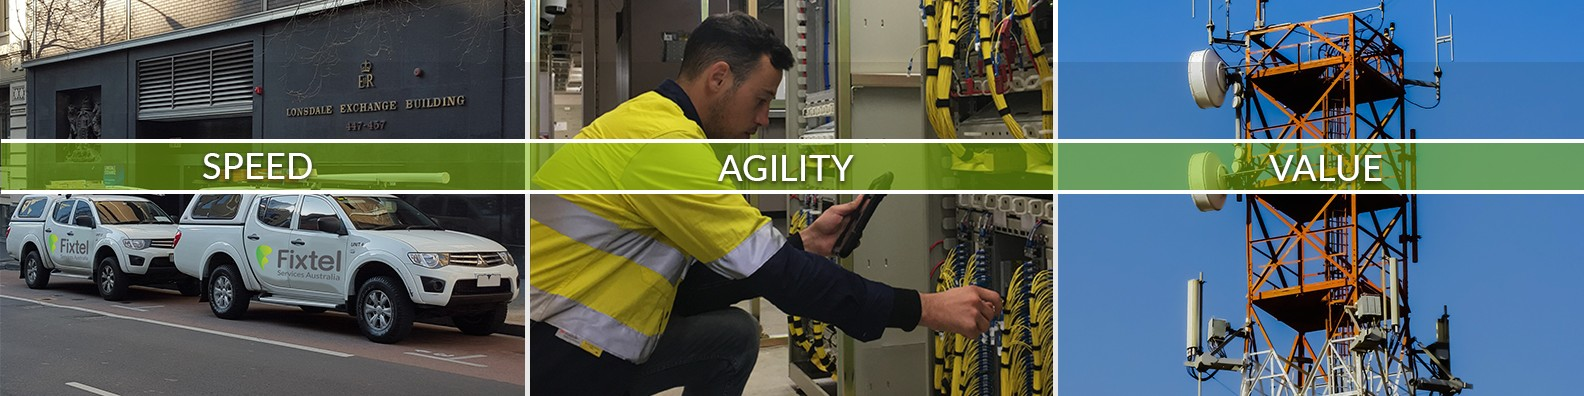 FixTel Services Australia | LinkedIn